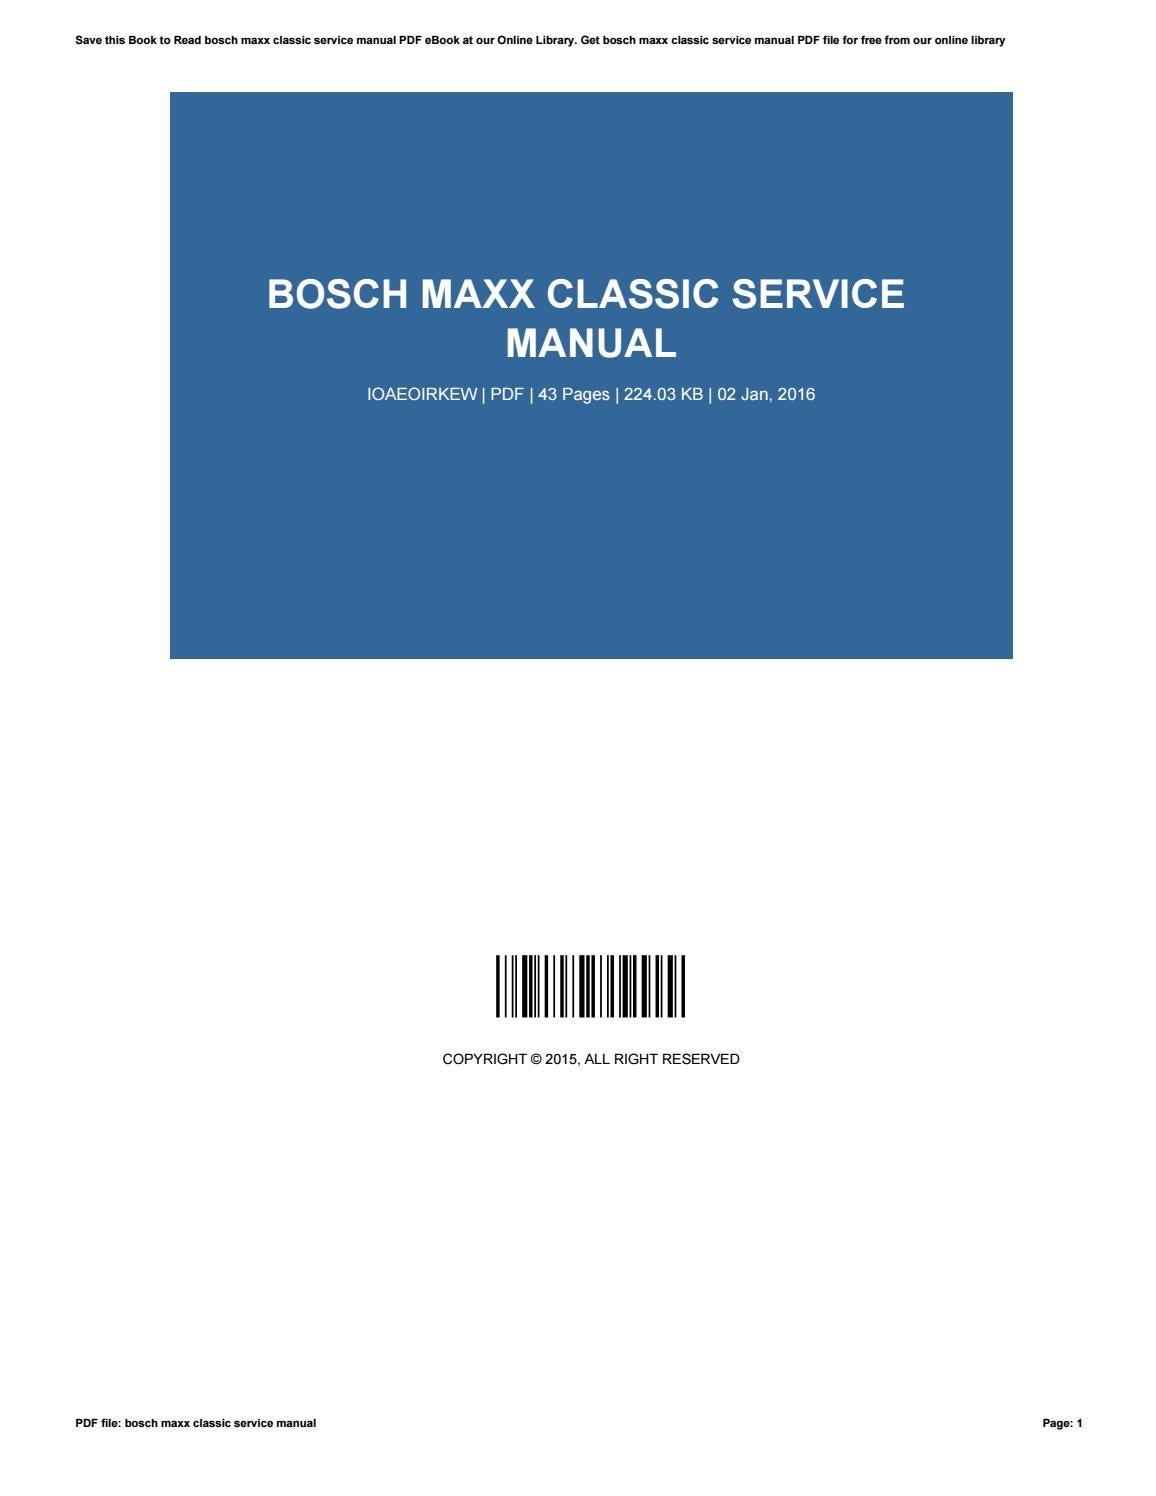 bosch maxx classic manual e6